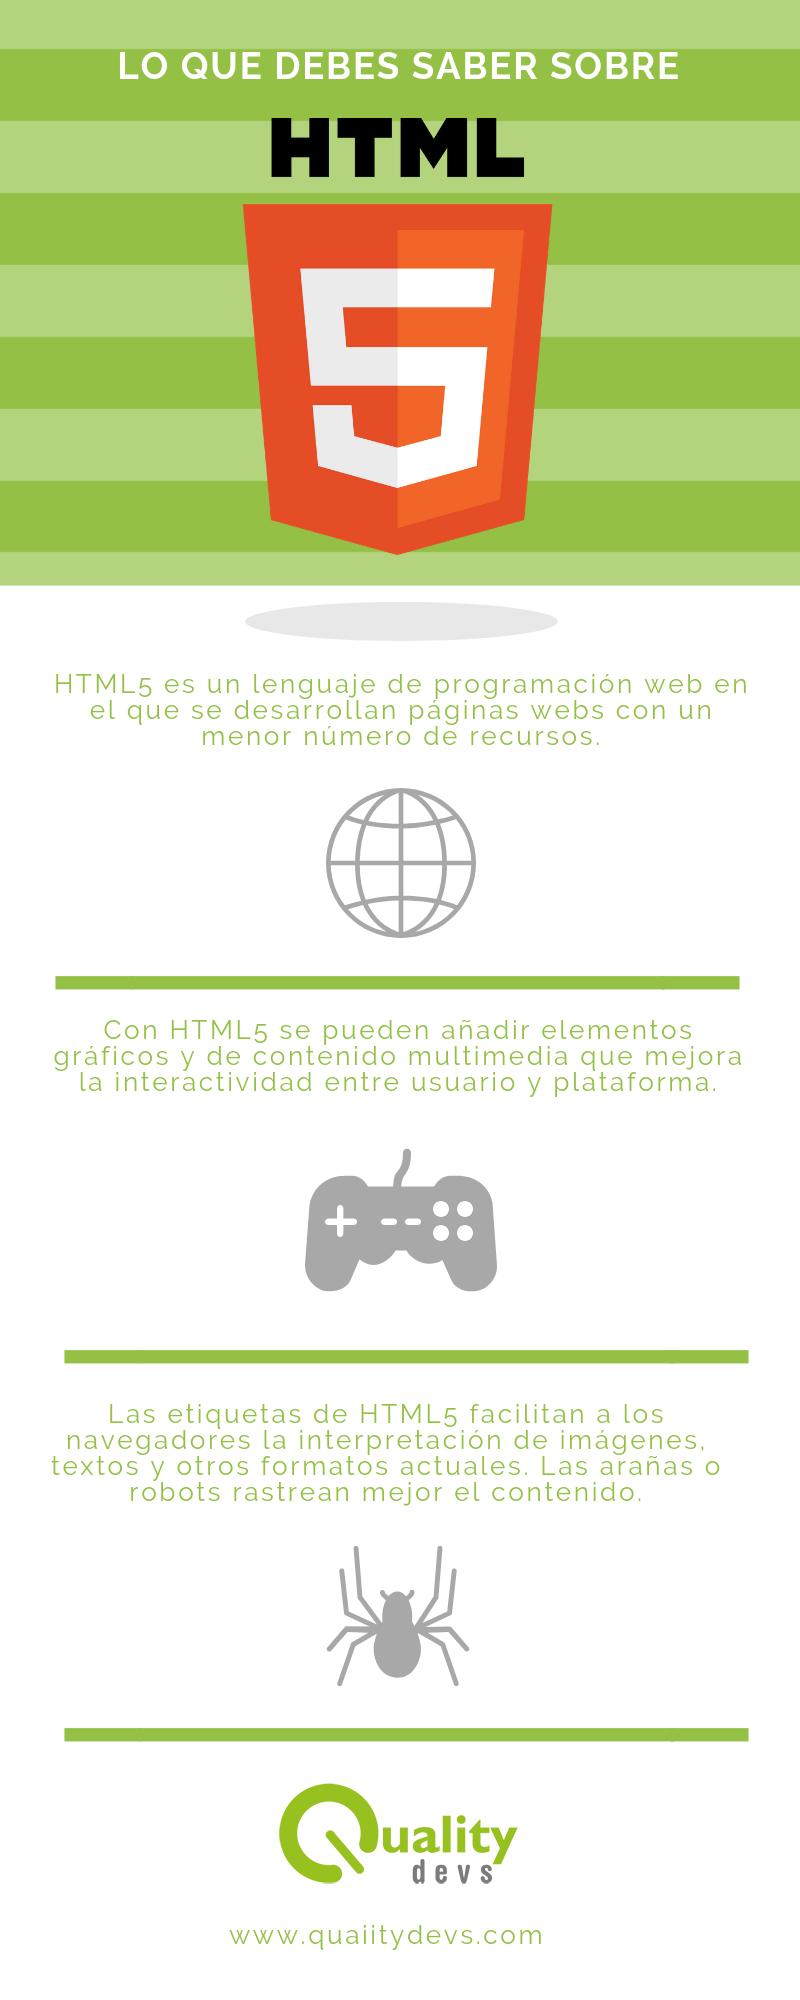 Aplicaciones móviles multiplataforma - HTML5